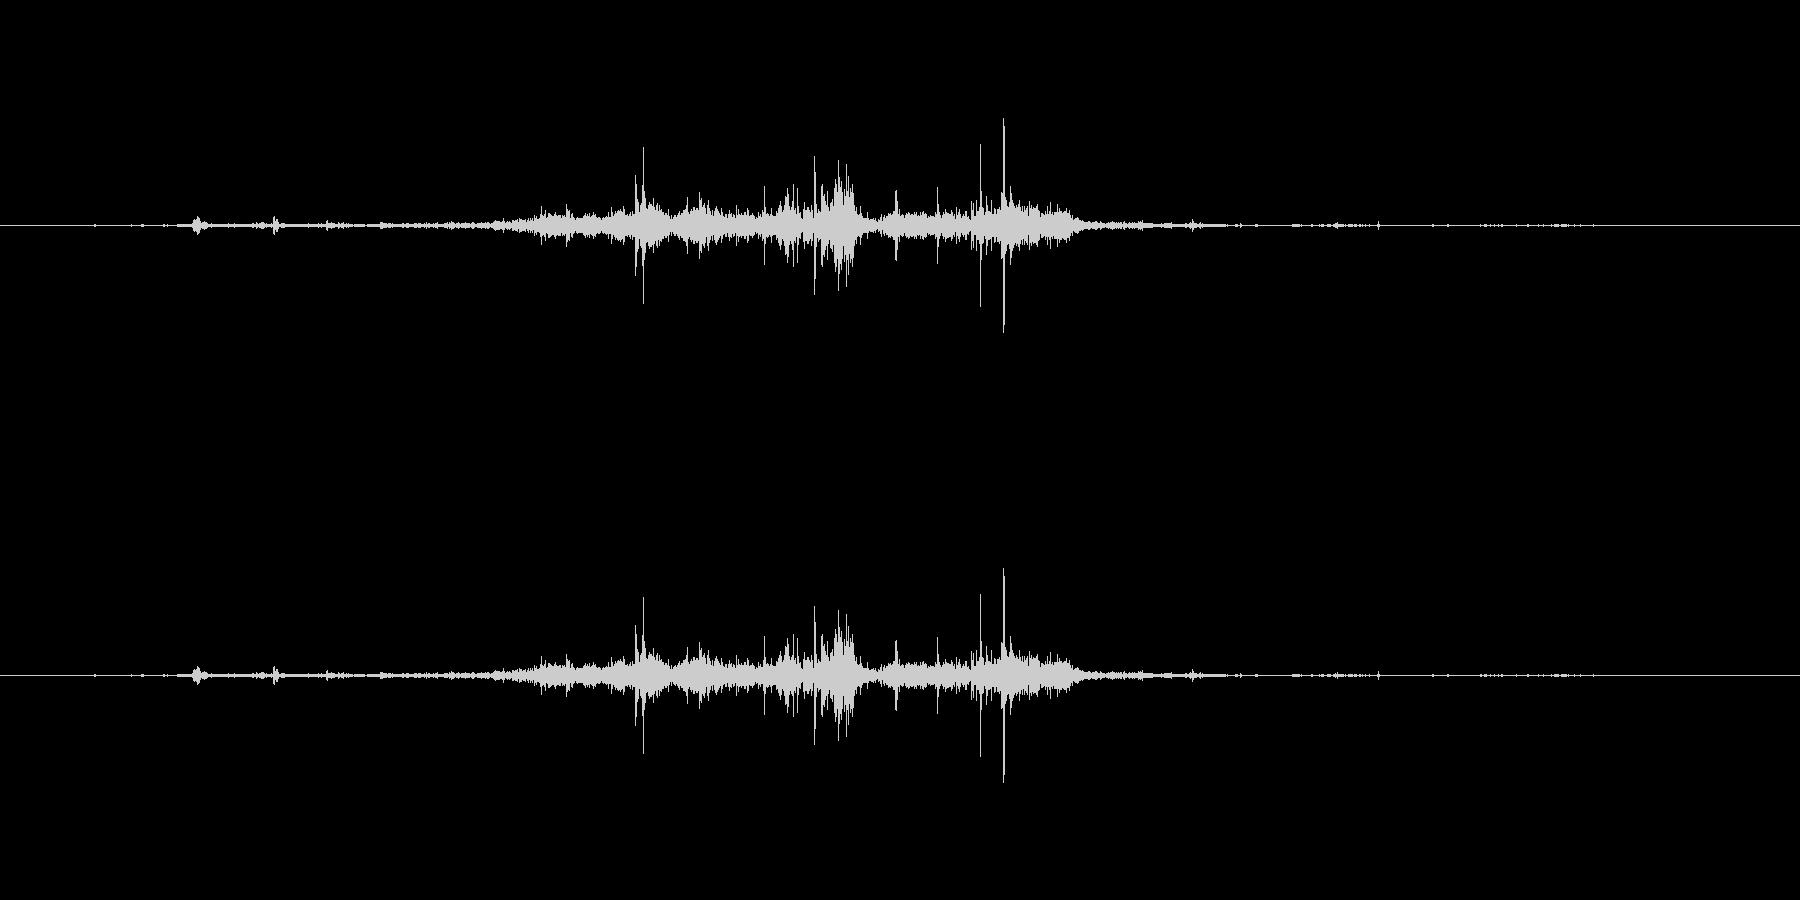 【マイク収録】シャクリとリンゴをかじる音の未再生の波形